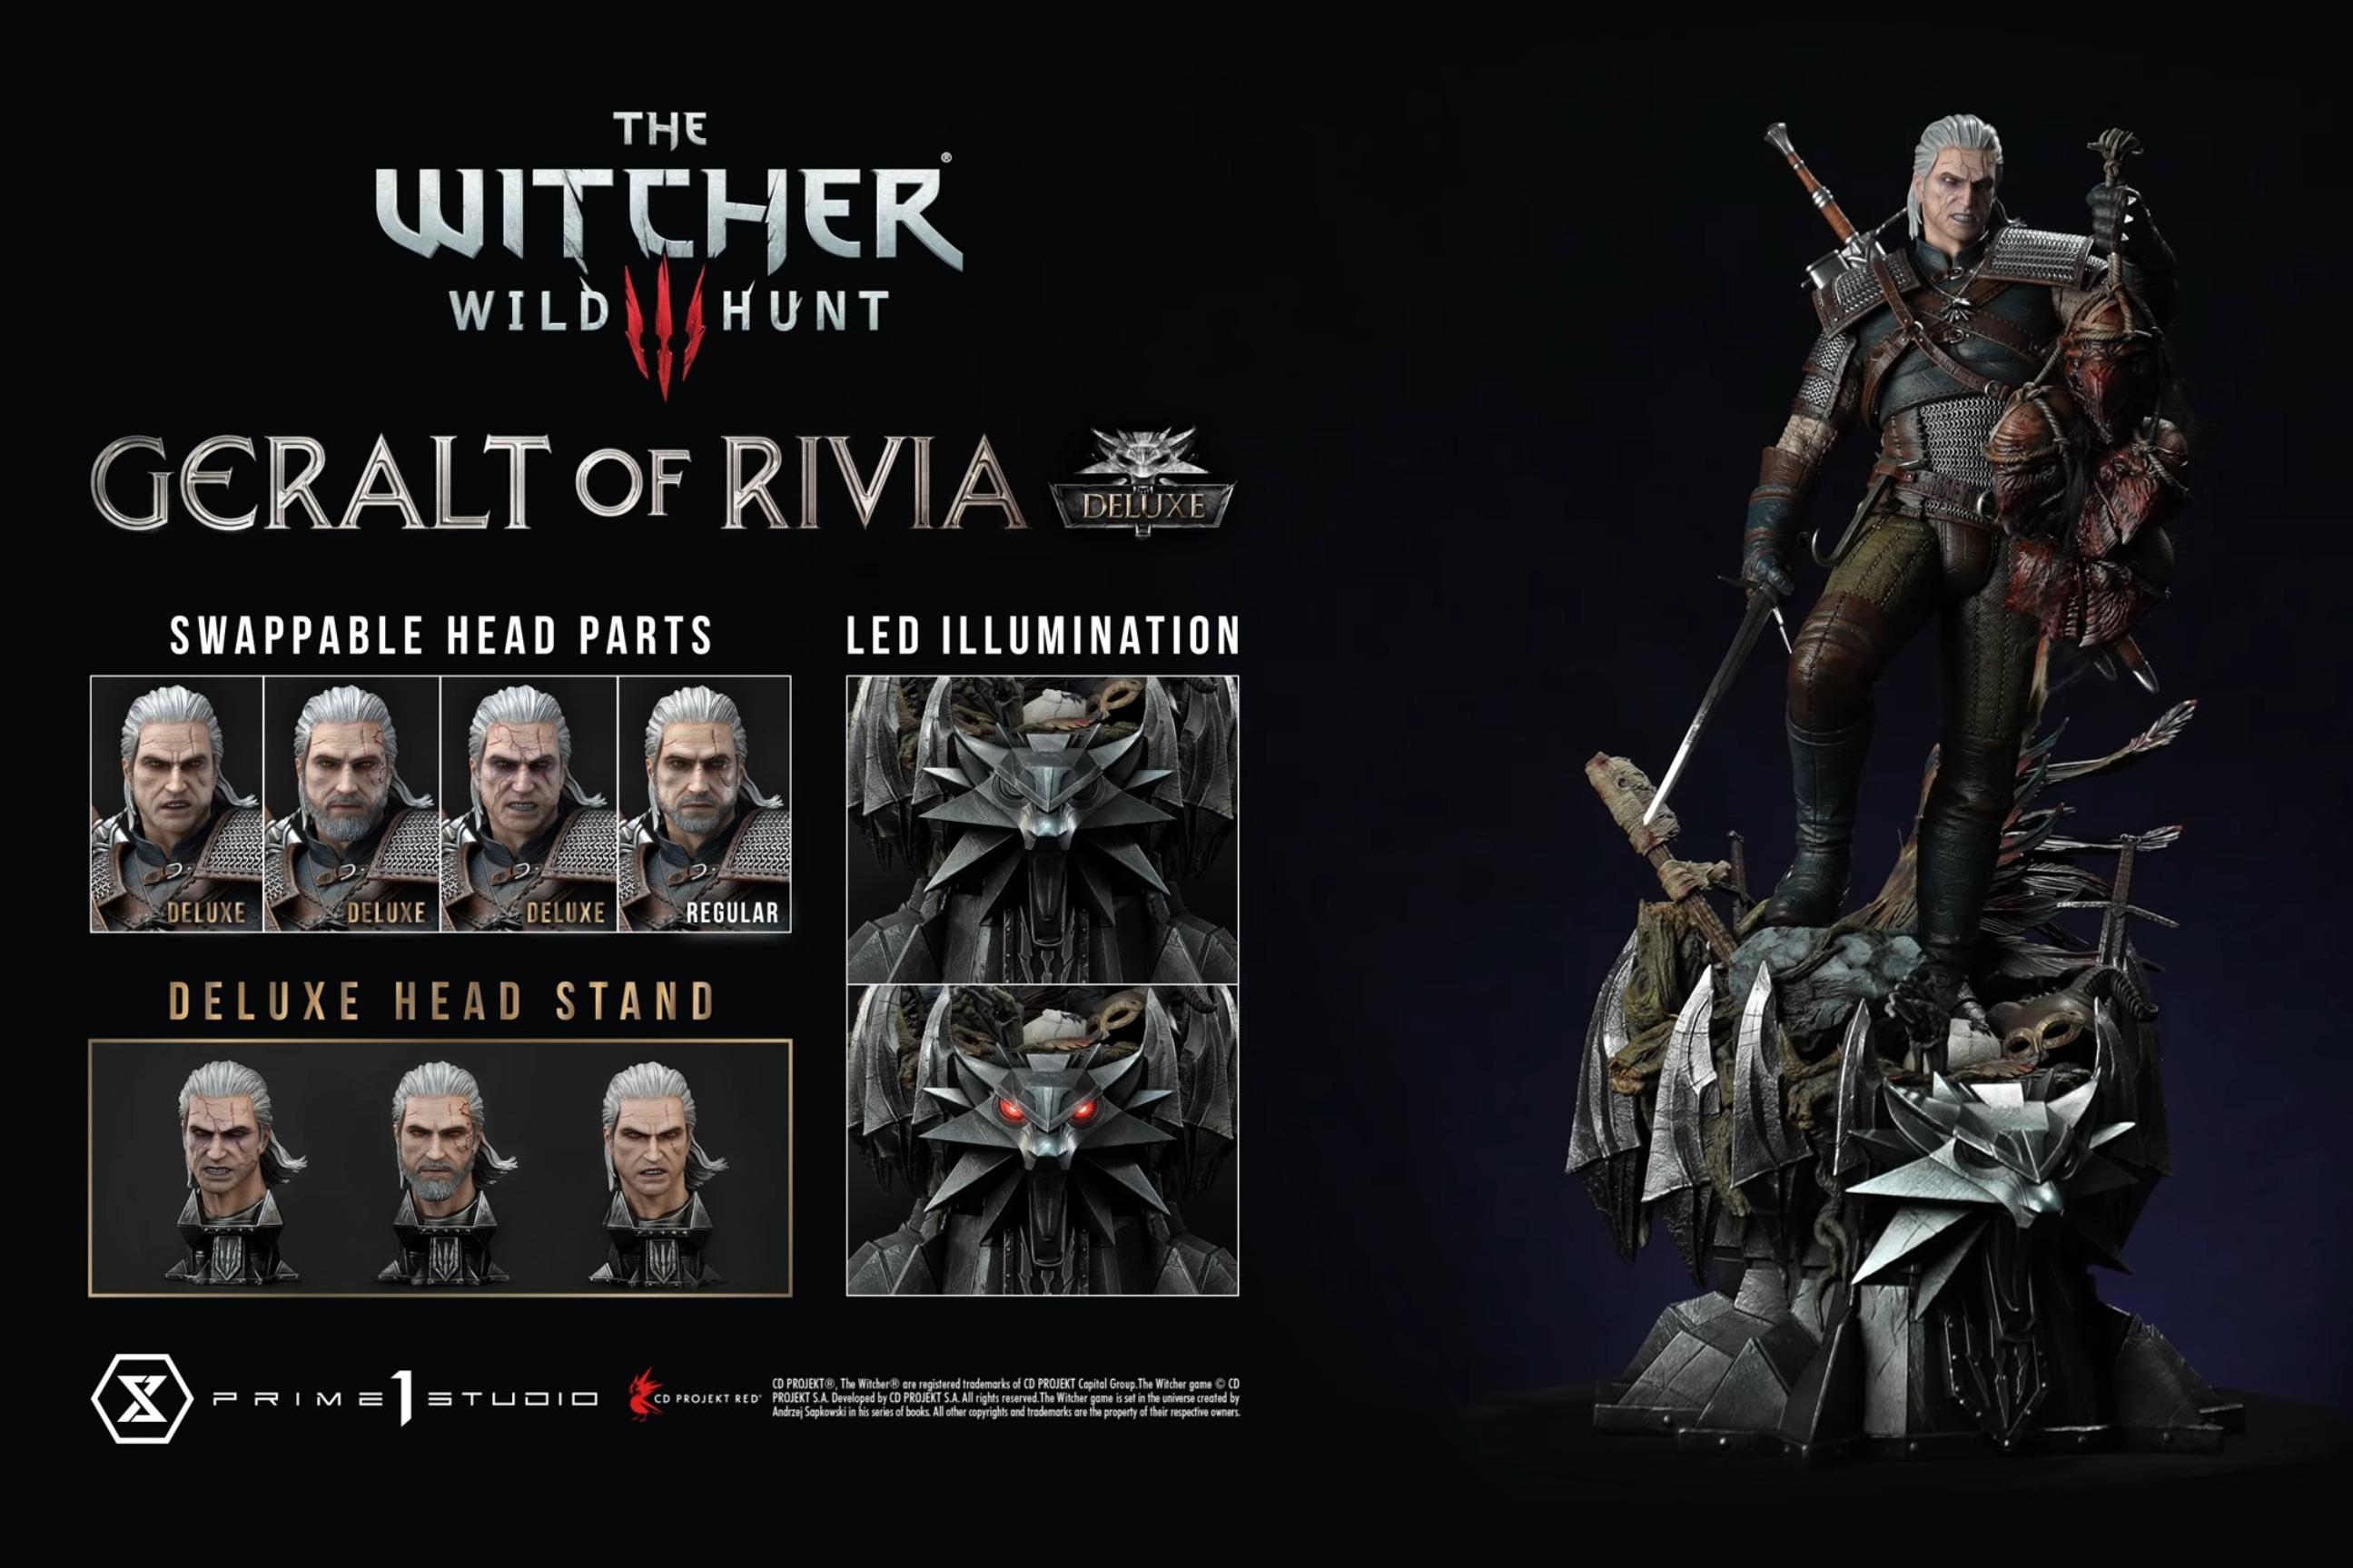 The Witcher: Geralt ganha estátua extramamente detalhada de quase 1 metro